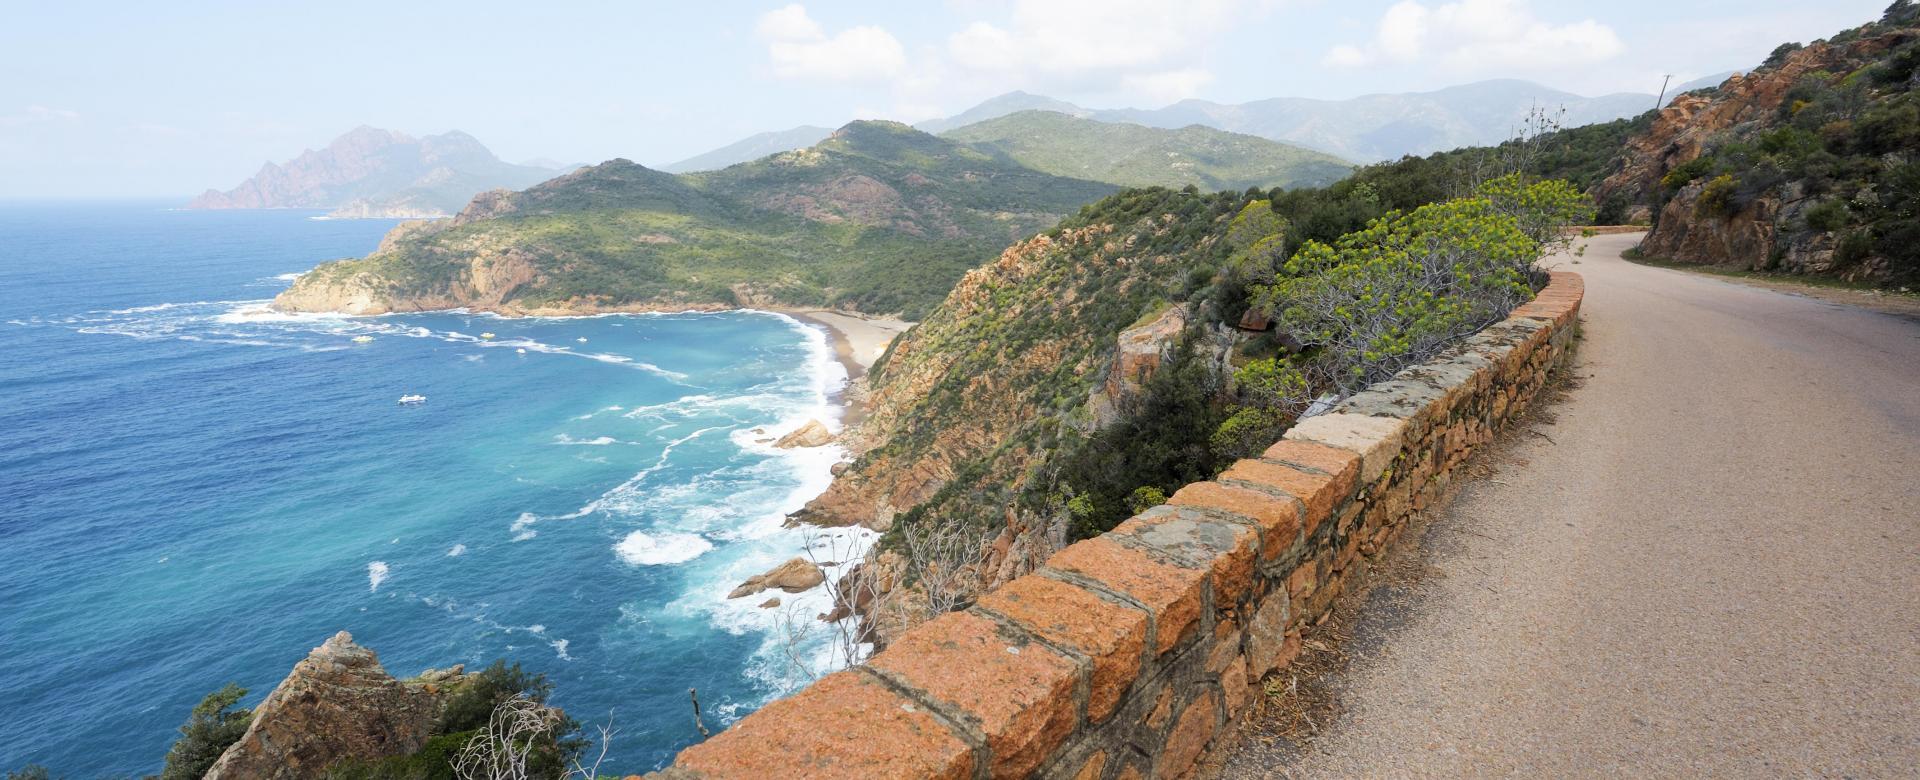 Voyage en véhicule : Corse : De bastia à ajaccio par la côte ouest à vélo